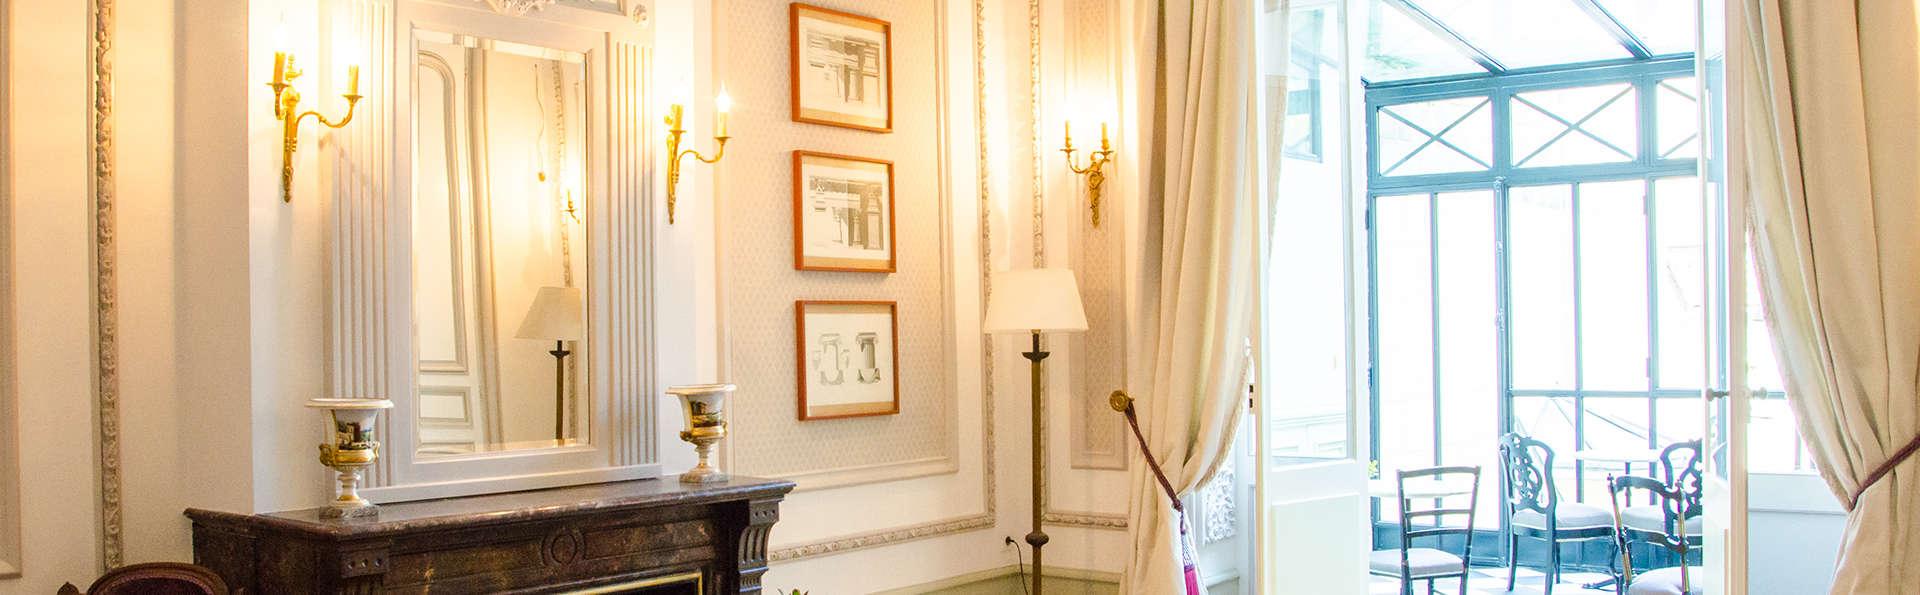 Week-end détente dans un hôtel de charme à Bordeaux